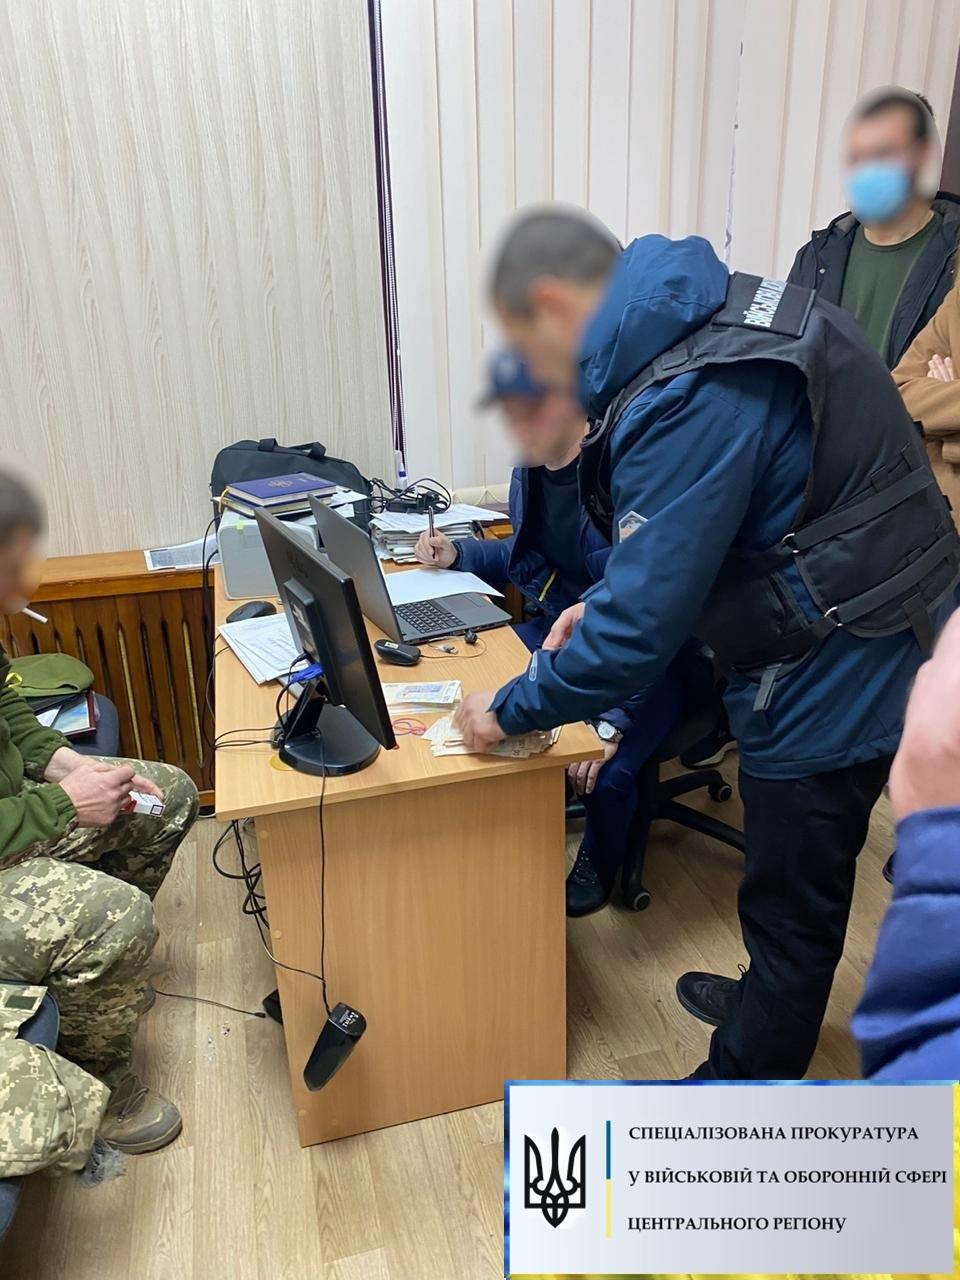 Чиновника Минобороны задержали на взятке в 400 тыс грн